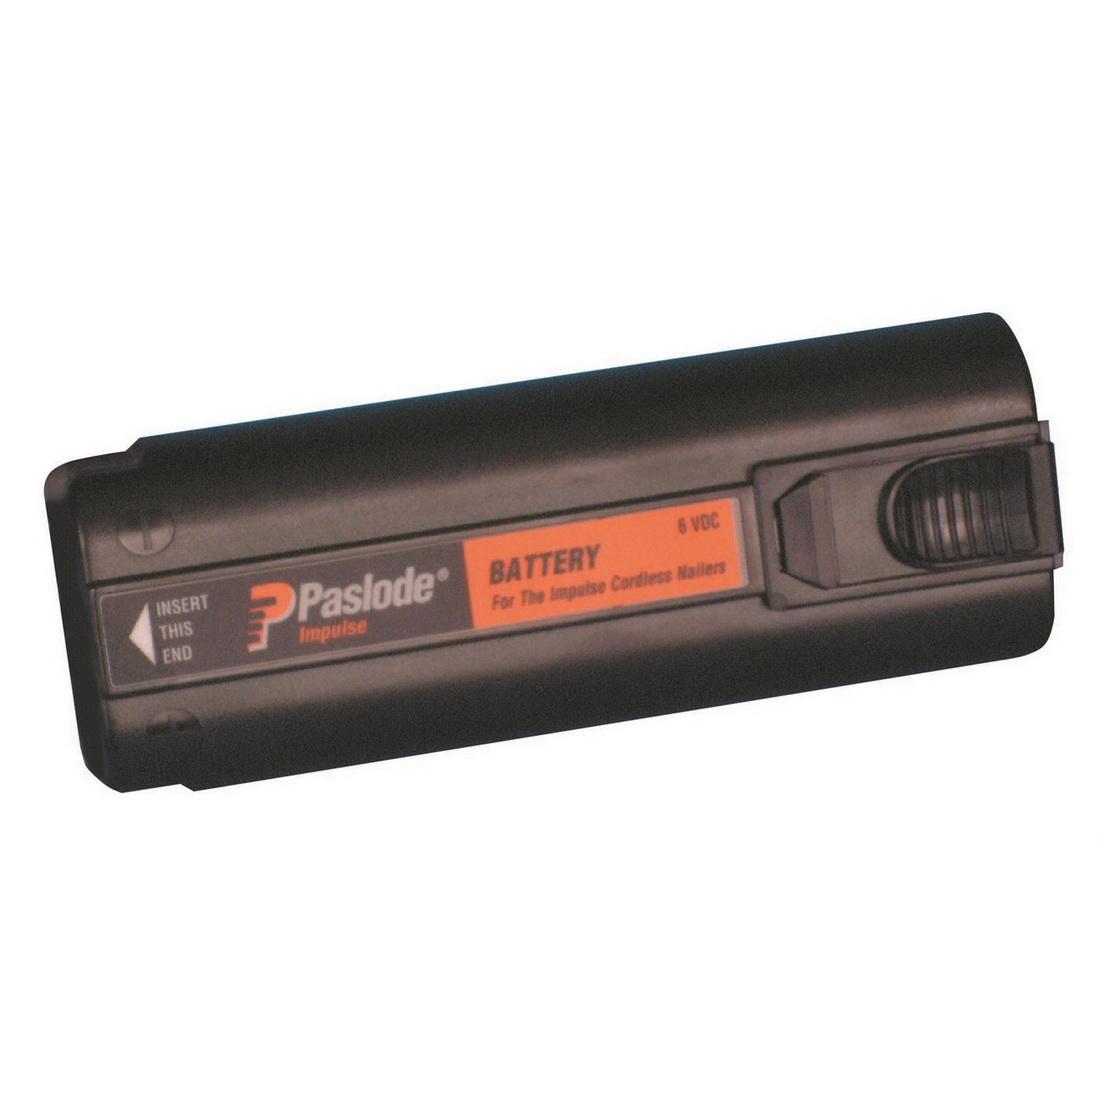 6V Compact Ni-Cd Battery For Impulse 350 Nailers